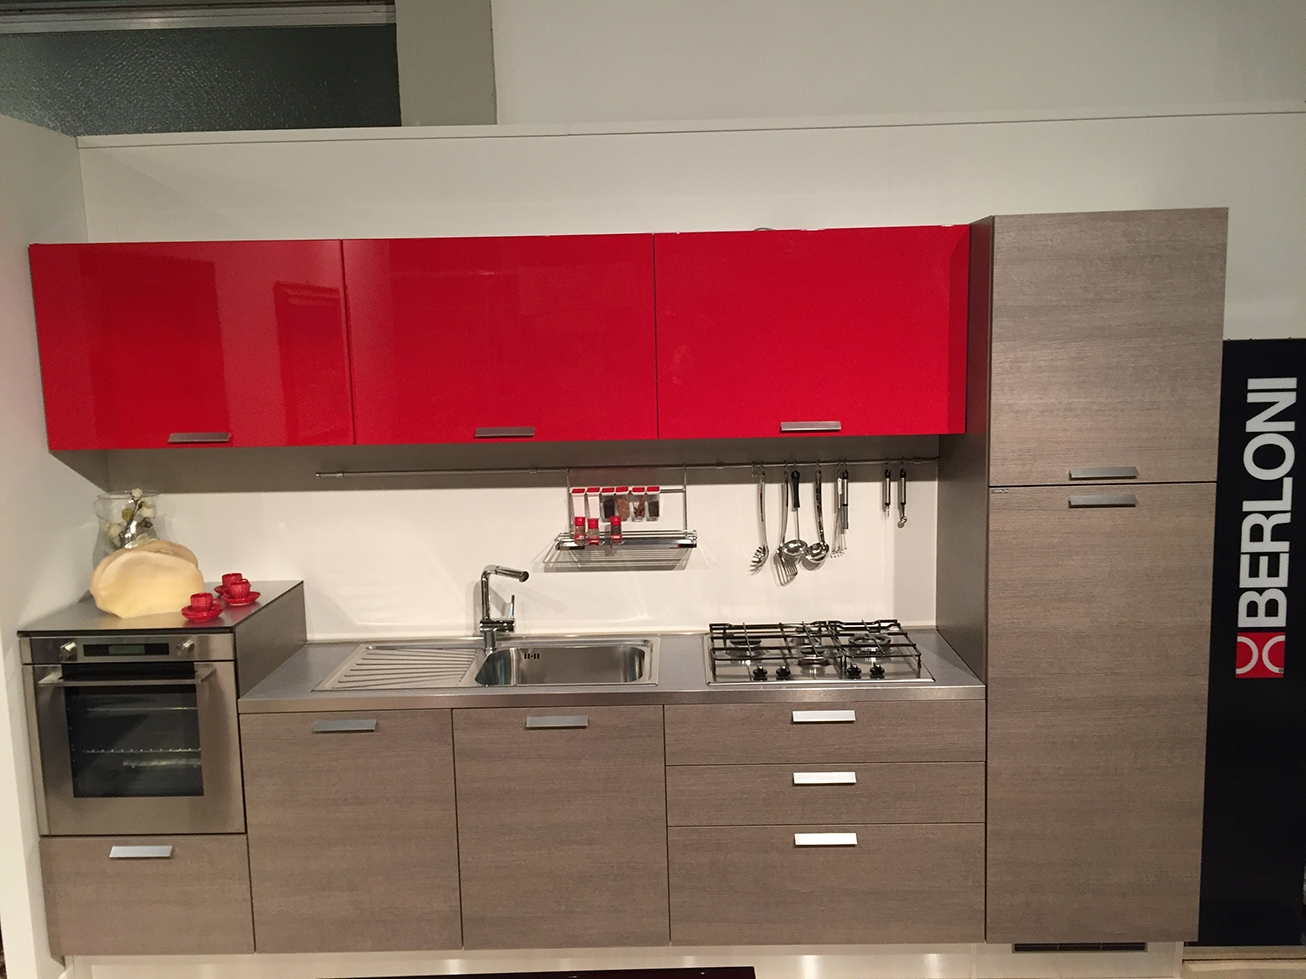 Cucina Berloni Modello Sunny Completa Di Elettrodomestici Di  #BA0A24 1306 979 Immagini Di Cucine Arte Povera